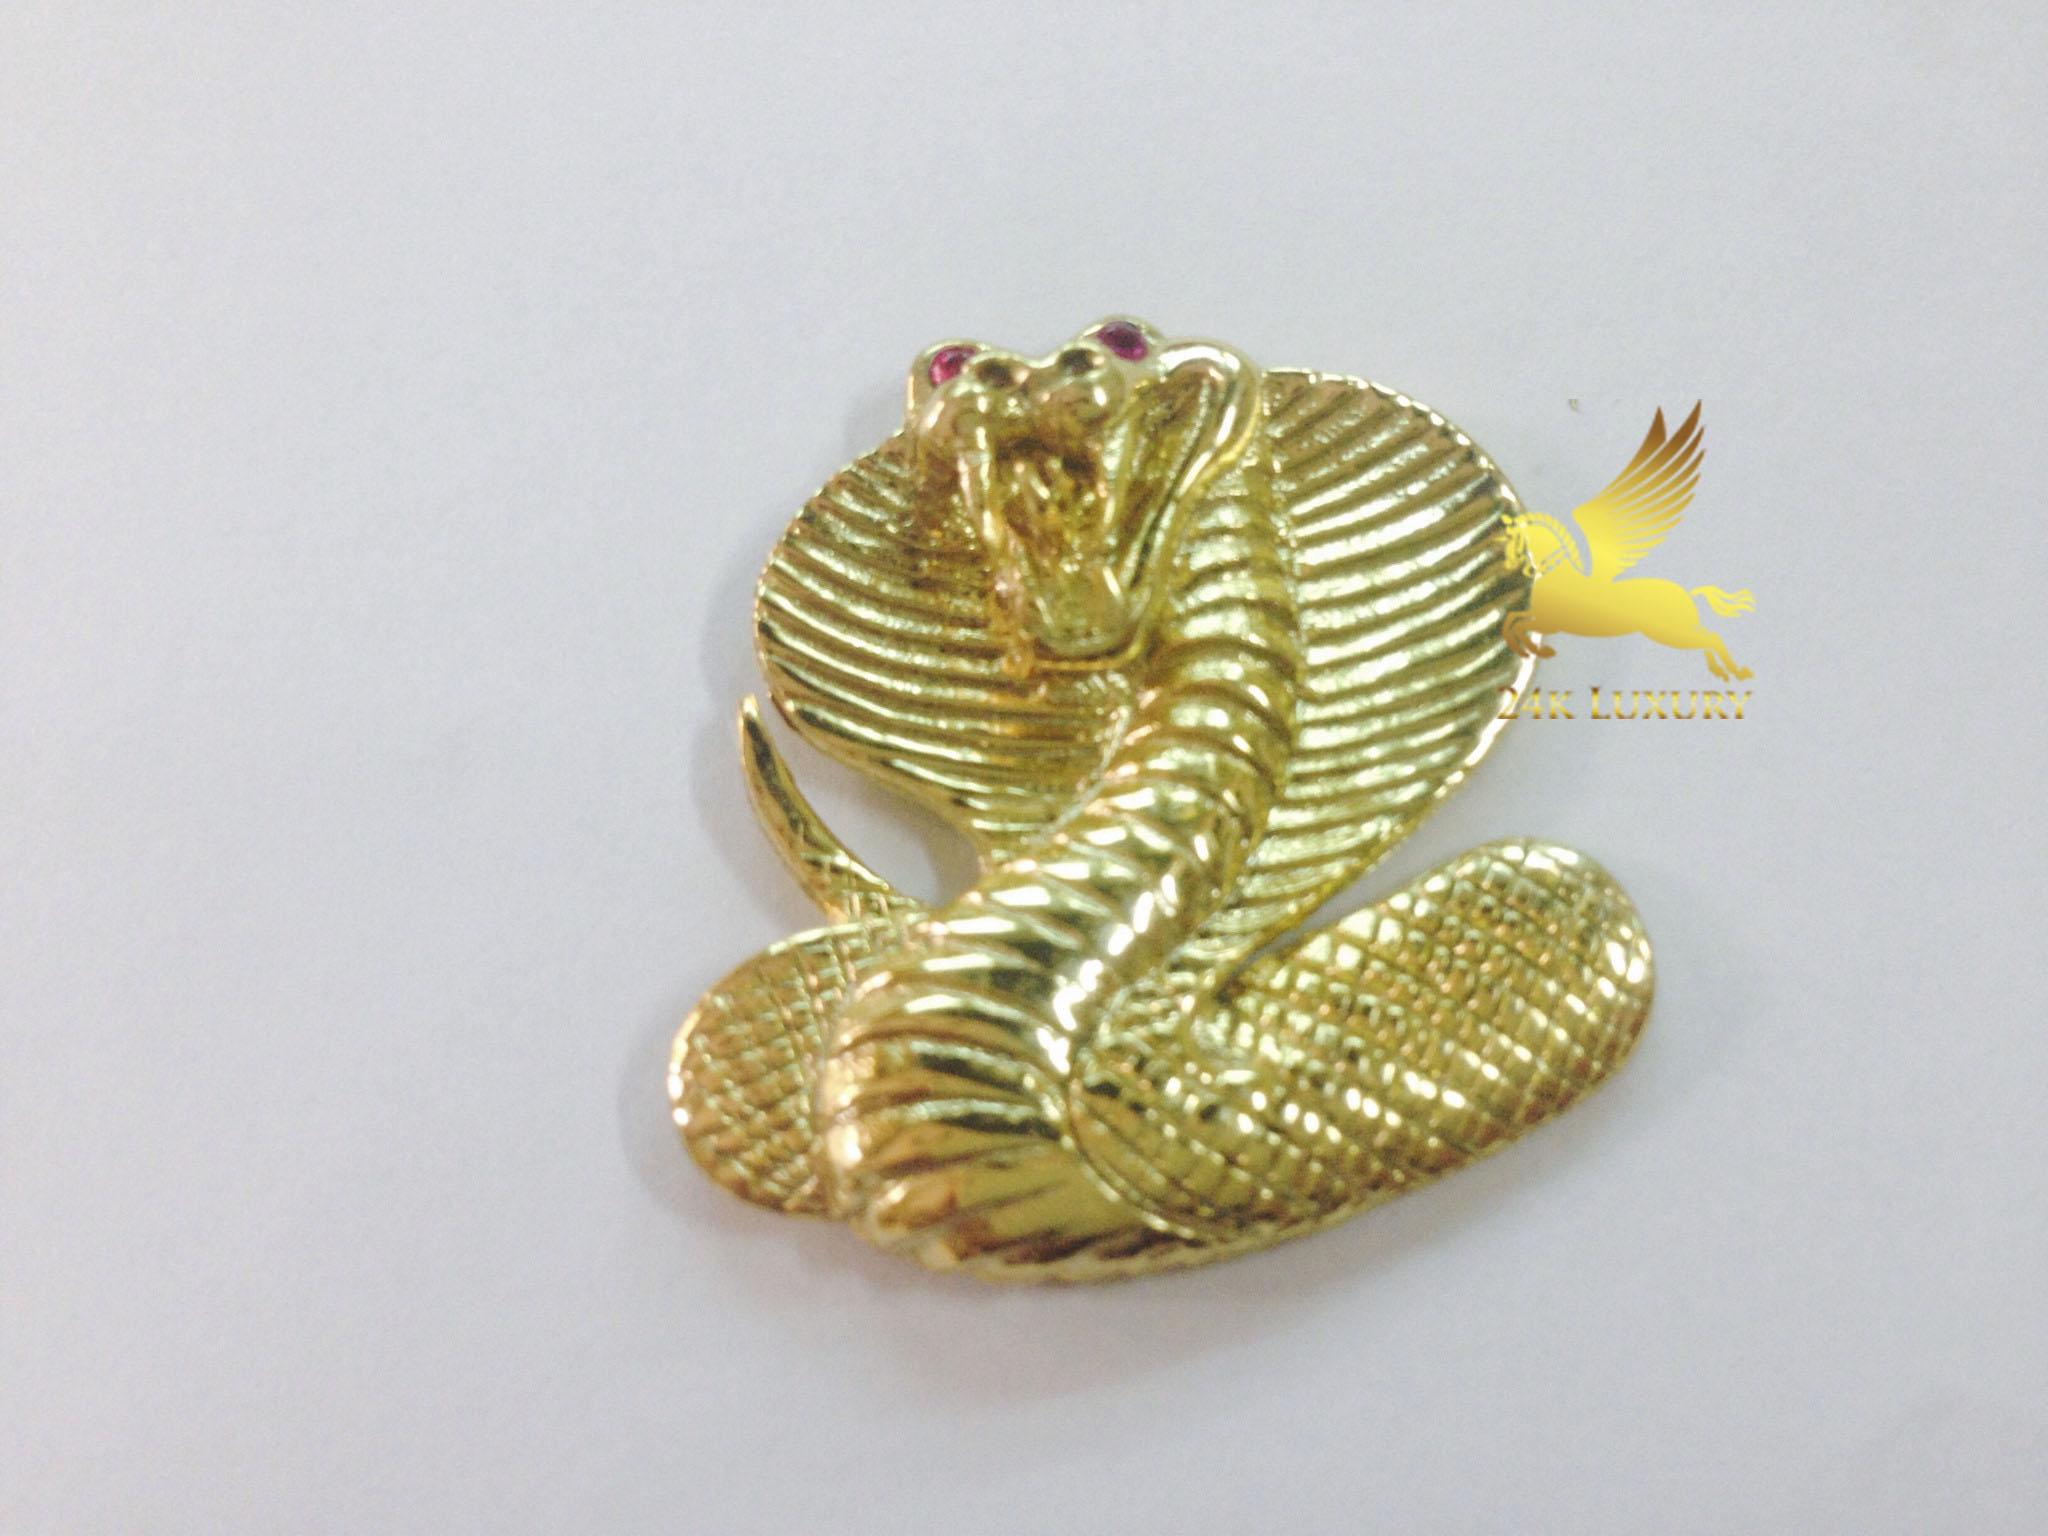 Rắn mạ vàng là biểu tượng của thánh thần, đầy sự mê hoặc và huyền bí